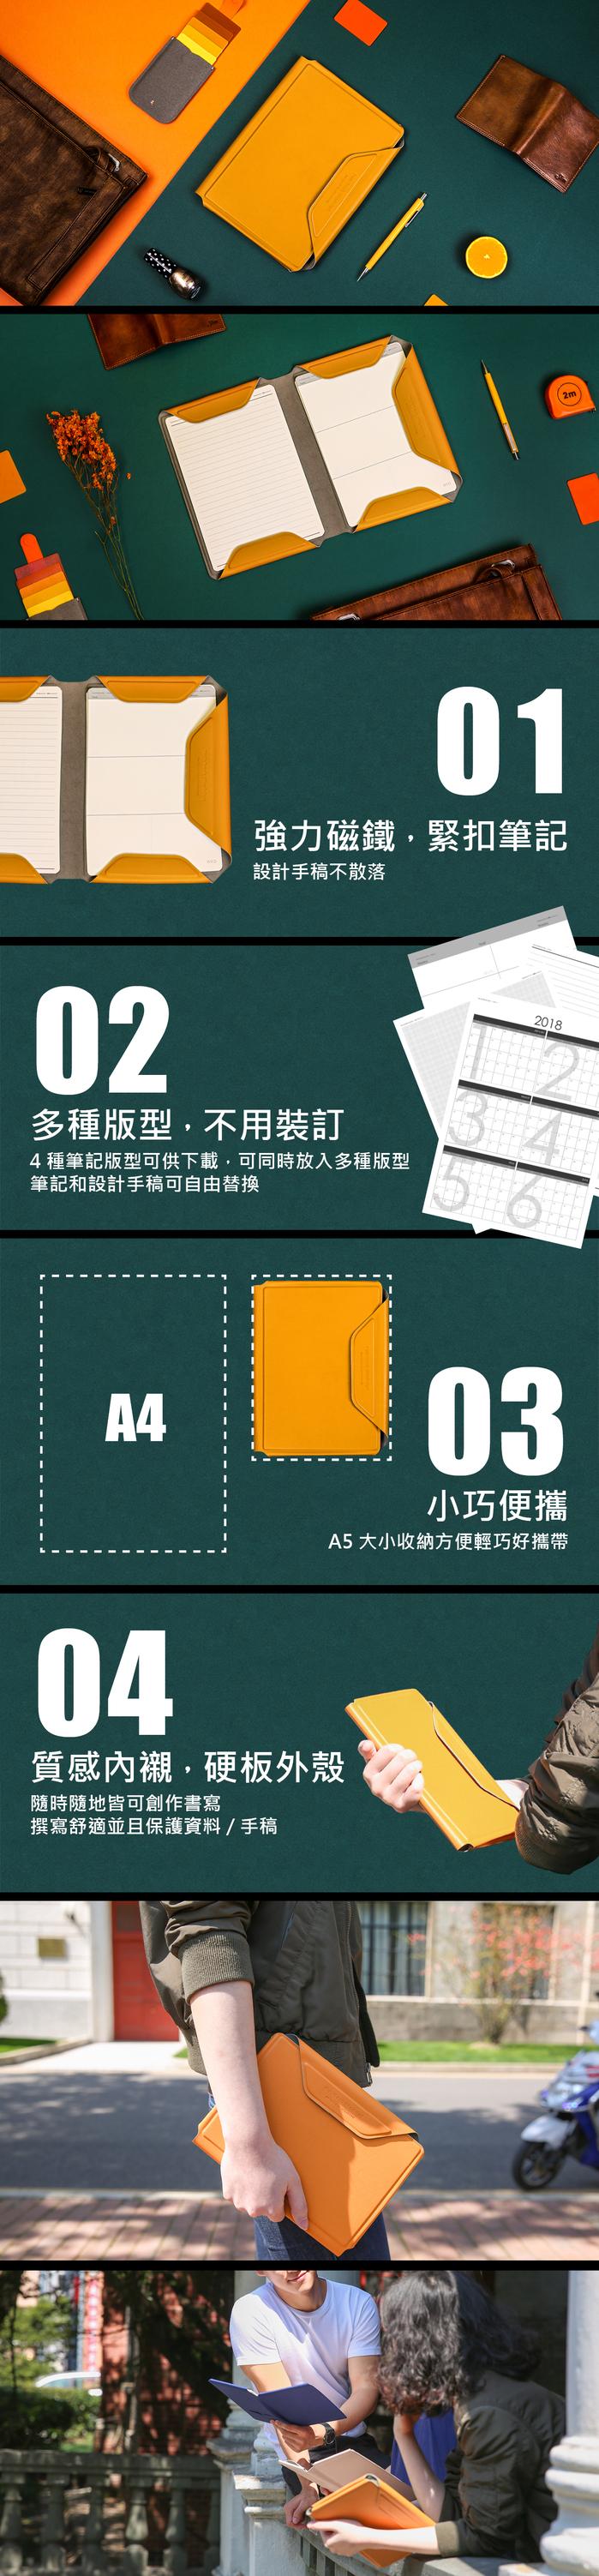 (複製)Allocacoc | NoteBook Modular 迷你百搭筆記本 - 粉色